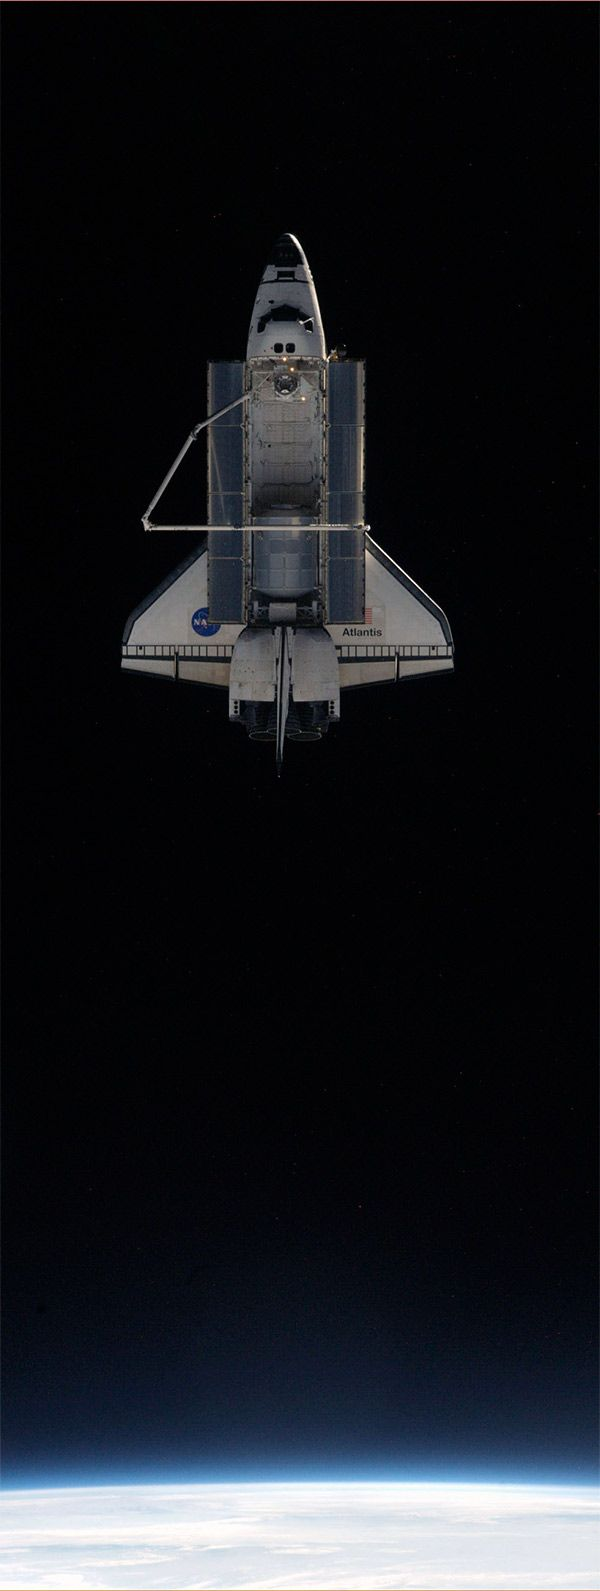 Shuttle, Nasa